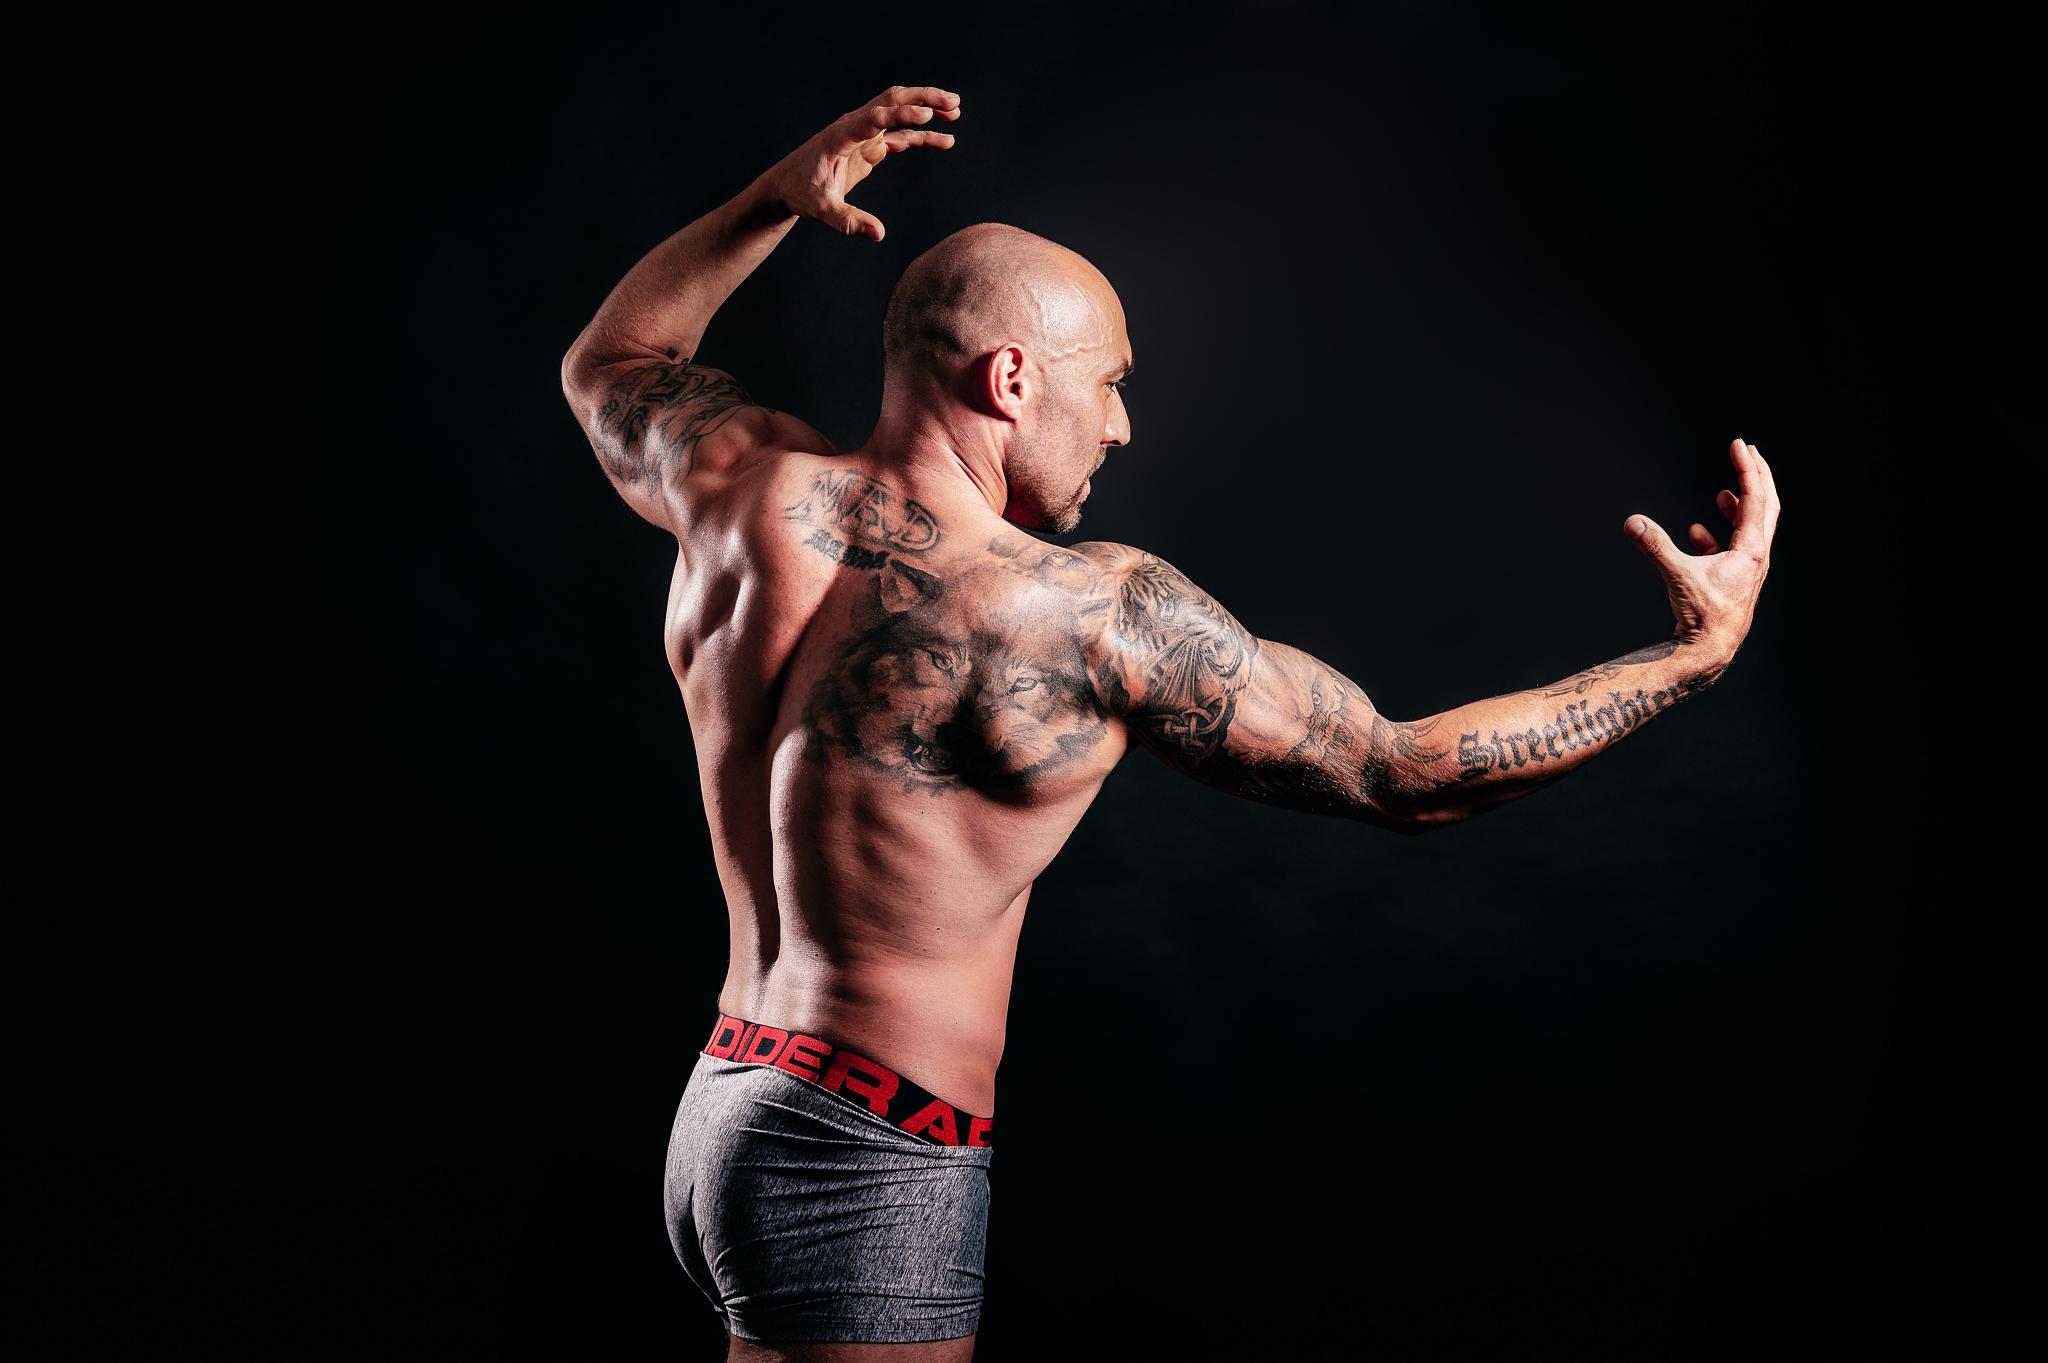 Mužský portrét: jak fotit muže - nasvícení svalů v ateliéru